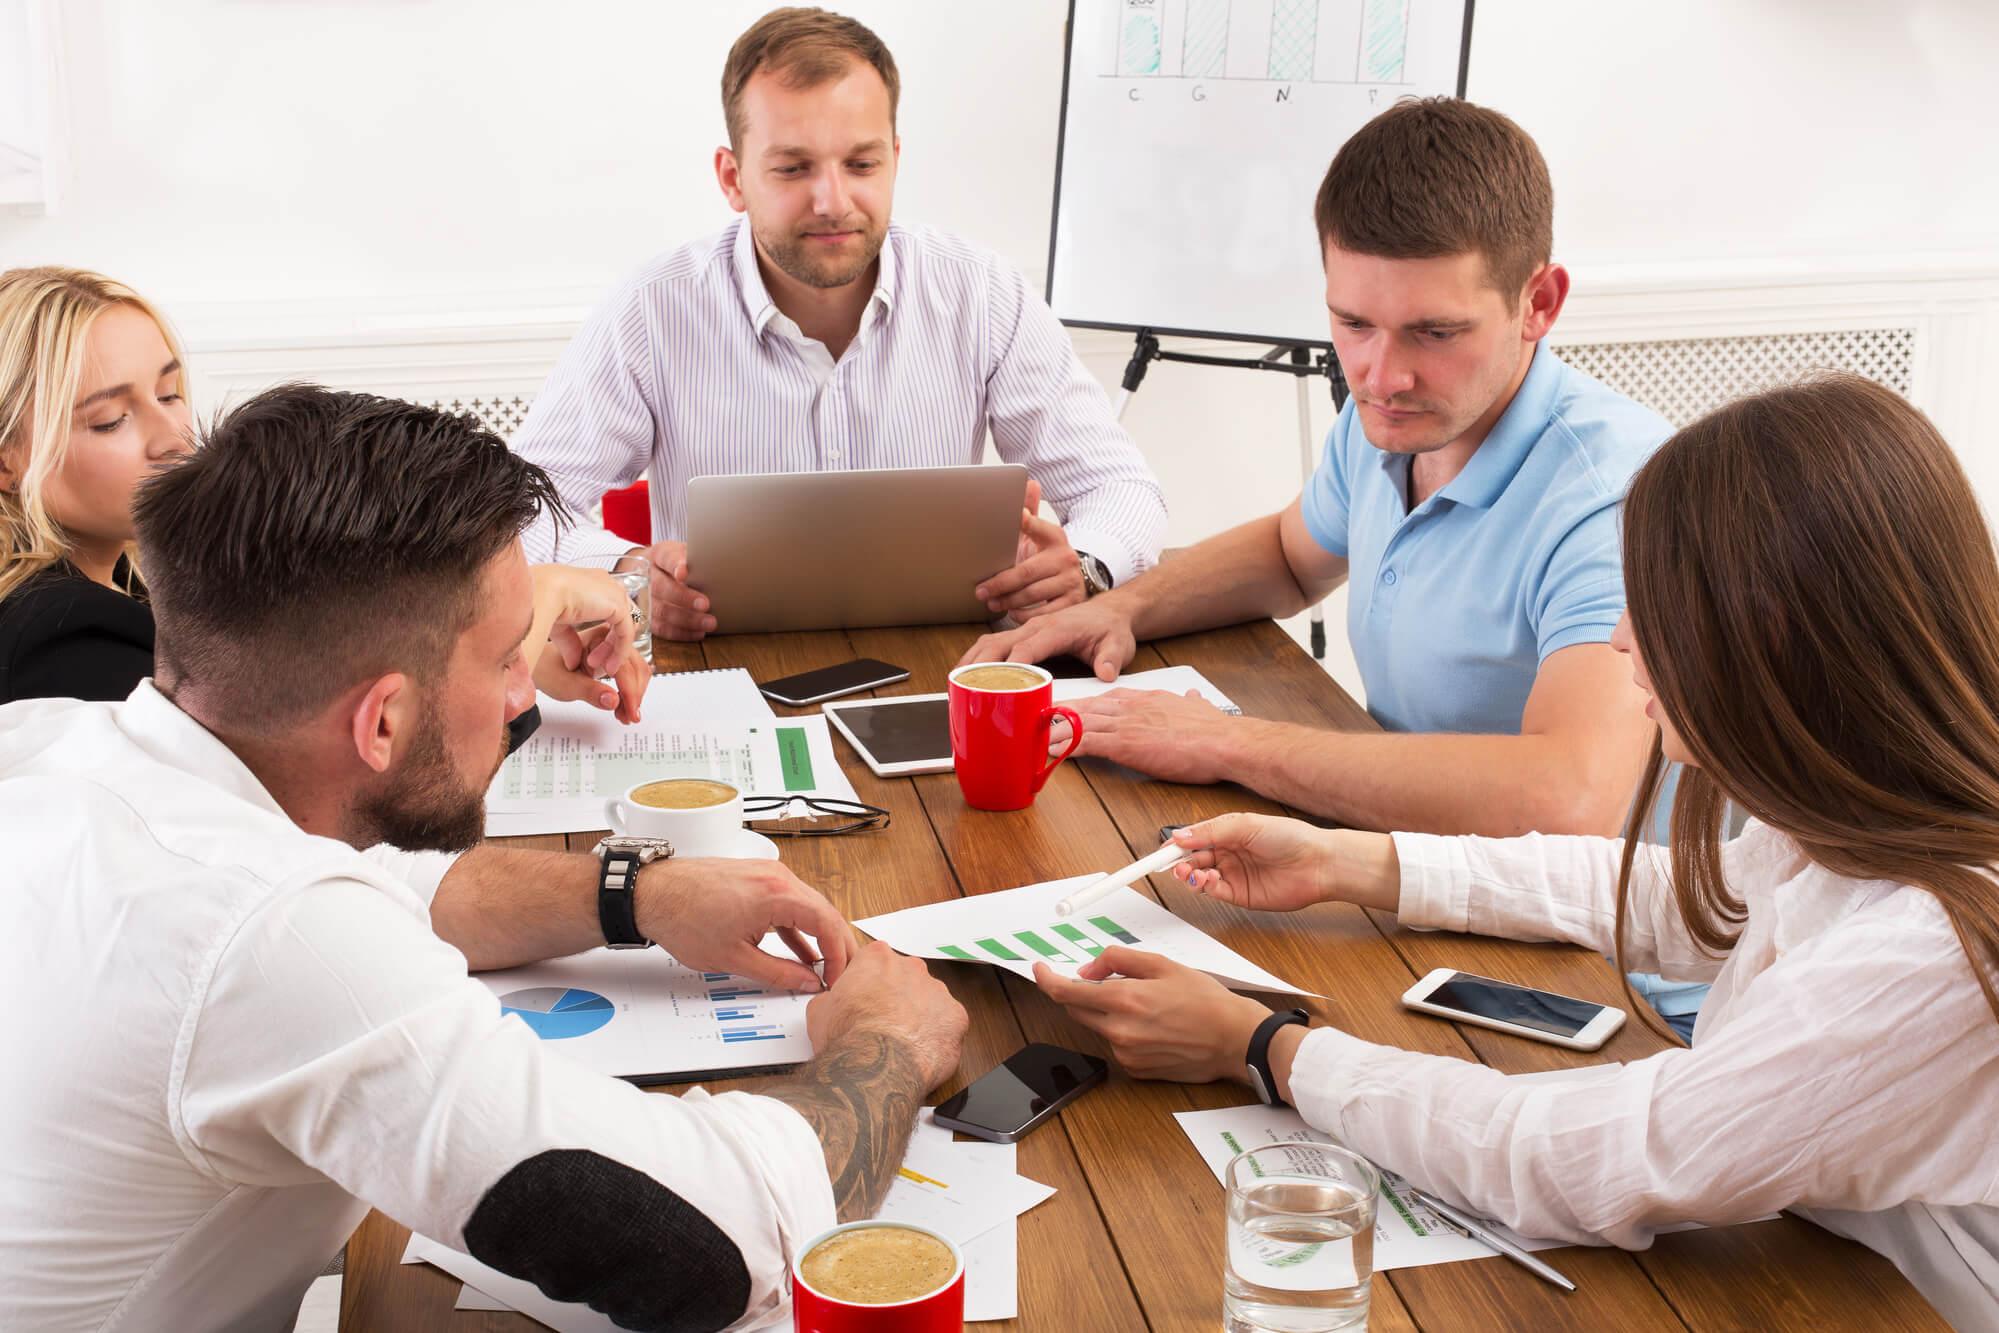 Trabajo en equipo: ¿Cómo lograr el éxito?